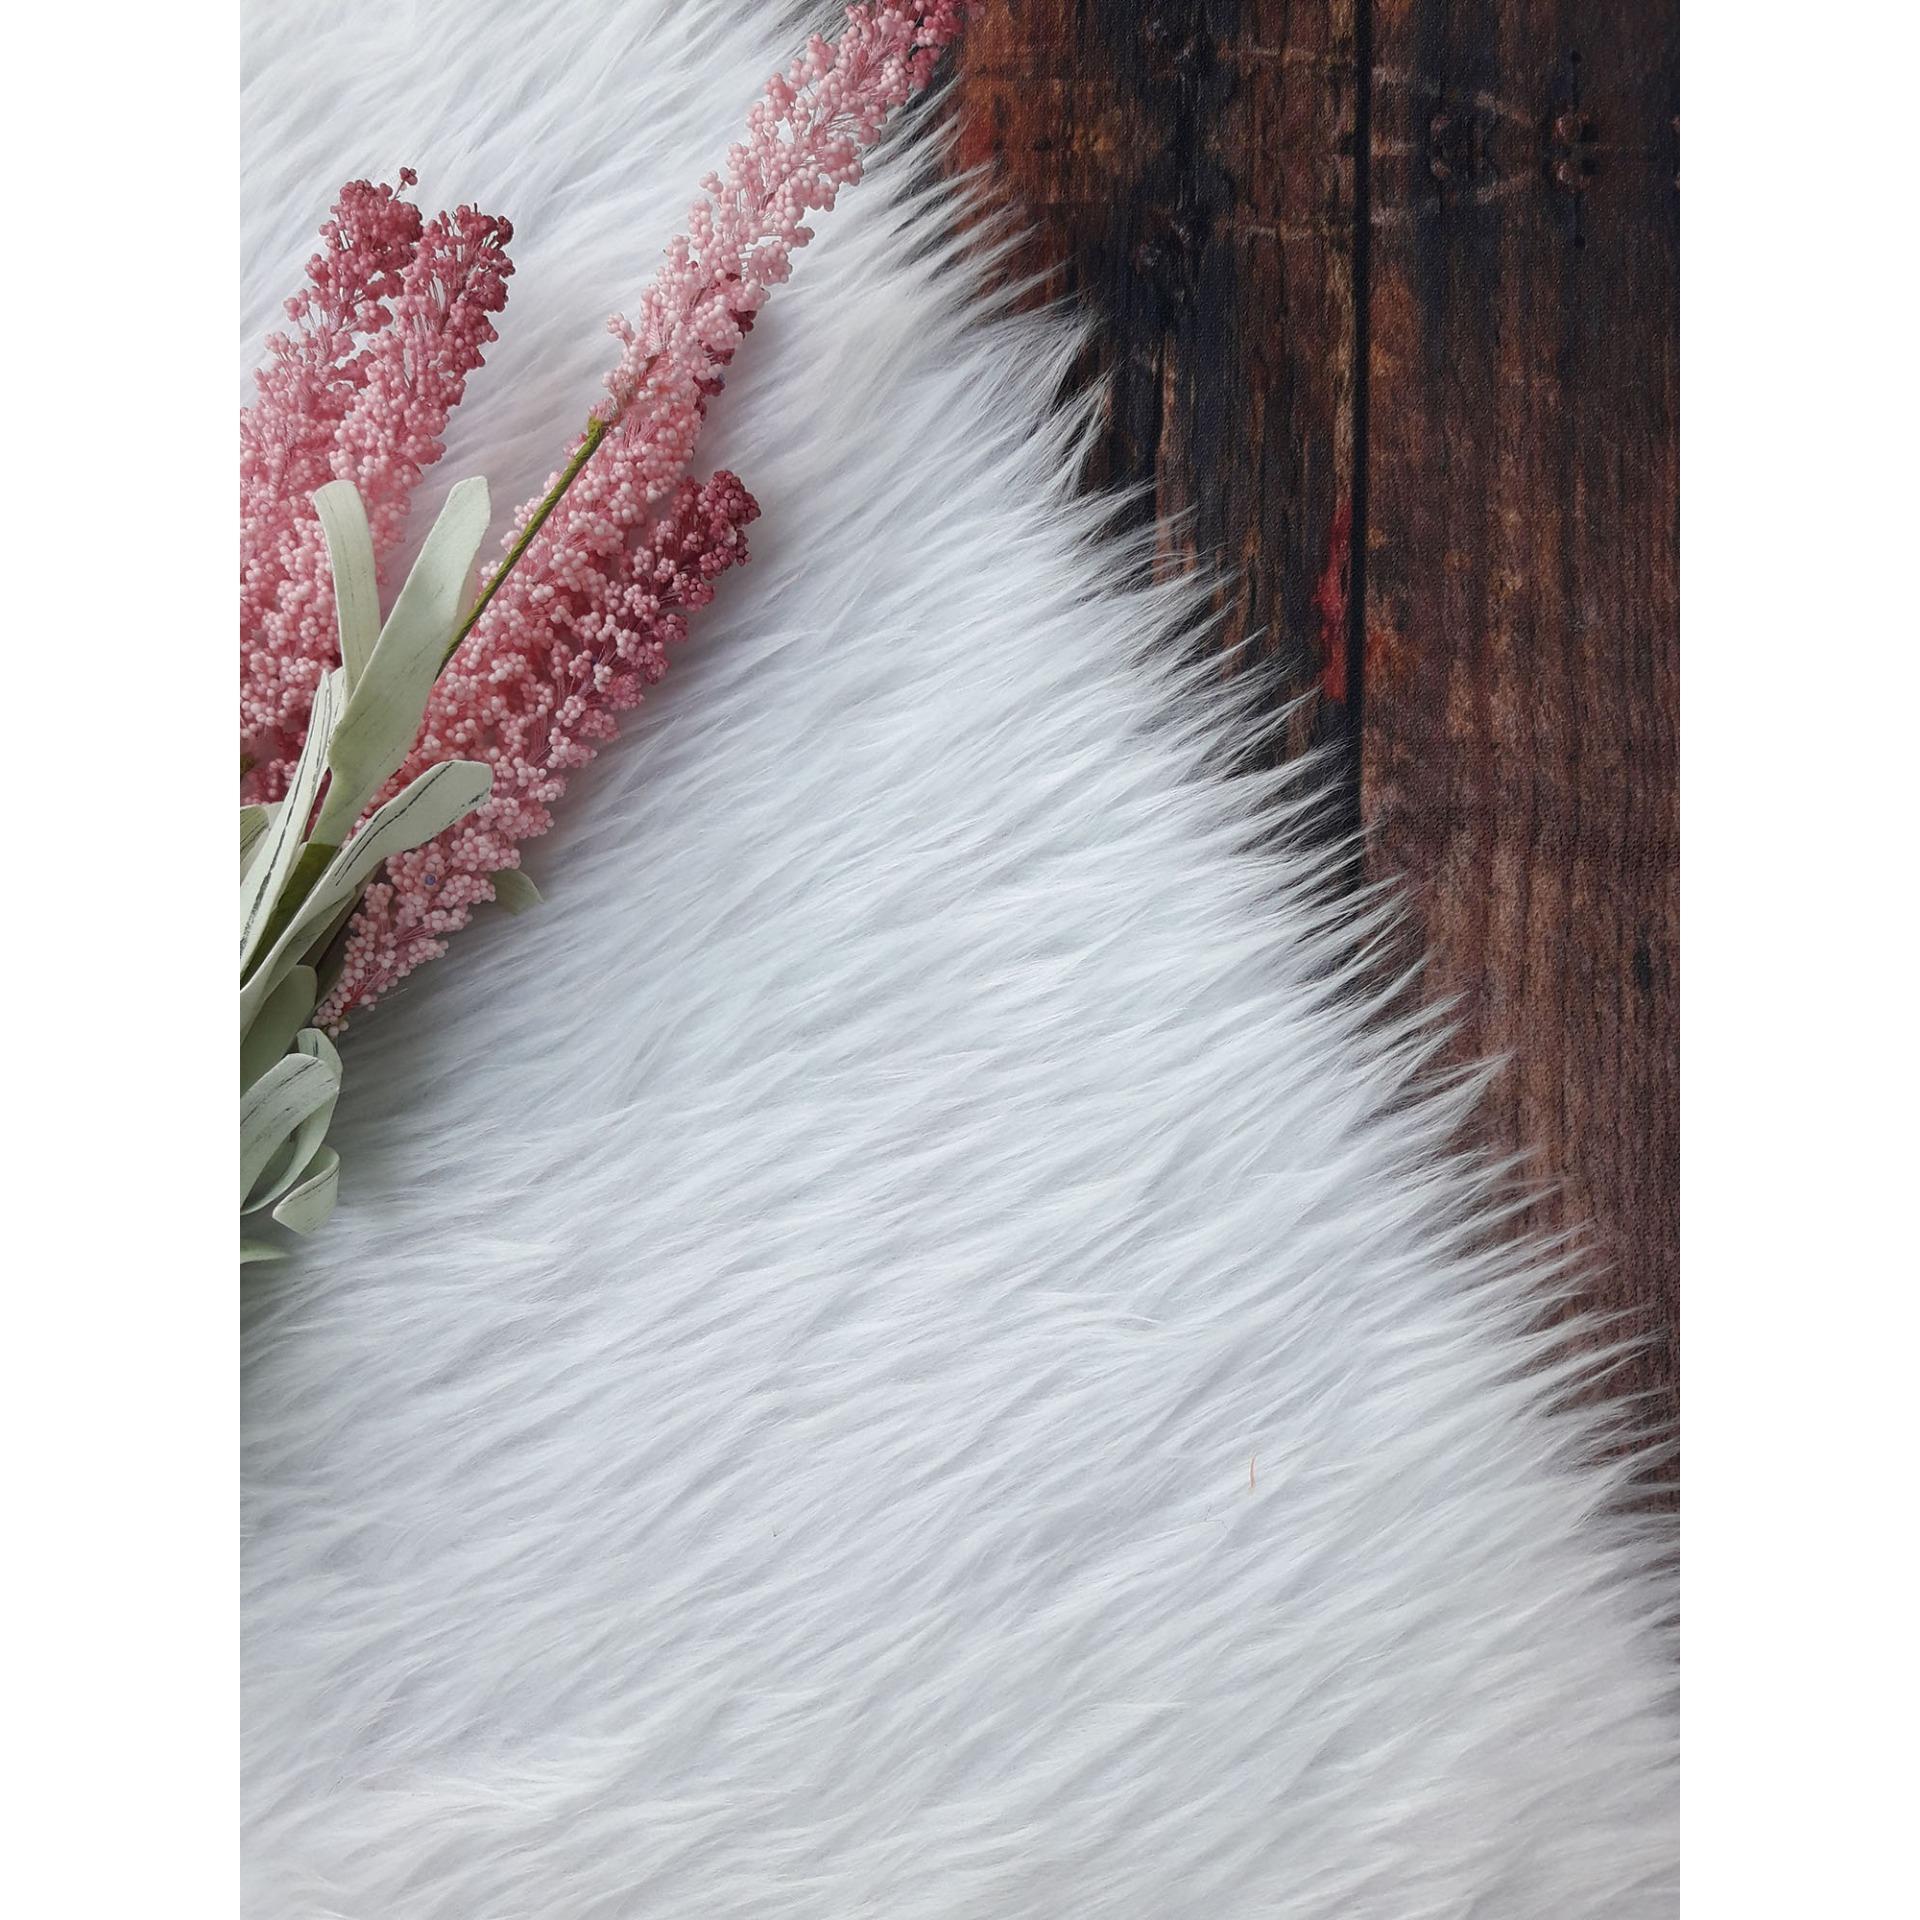 Giảm Giá Quá Đã Phải Mua Ngay Thảm Lông Chụp Hình Màu Trắng (lông Sợi To) Size 40x50cm